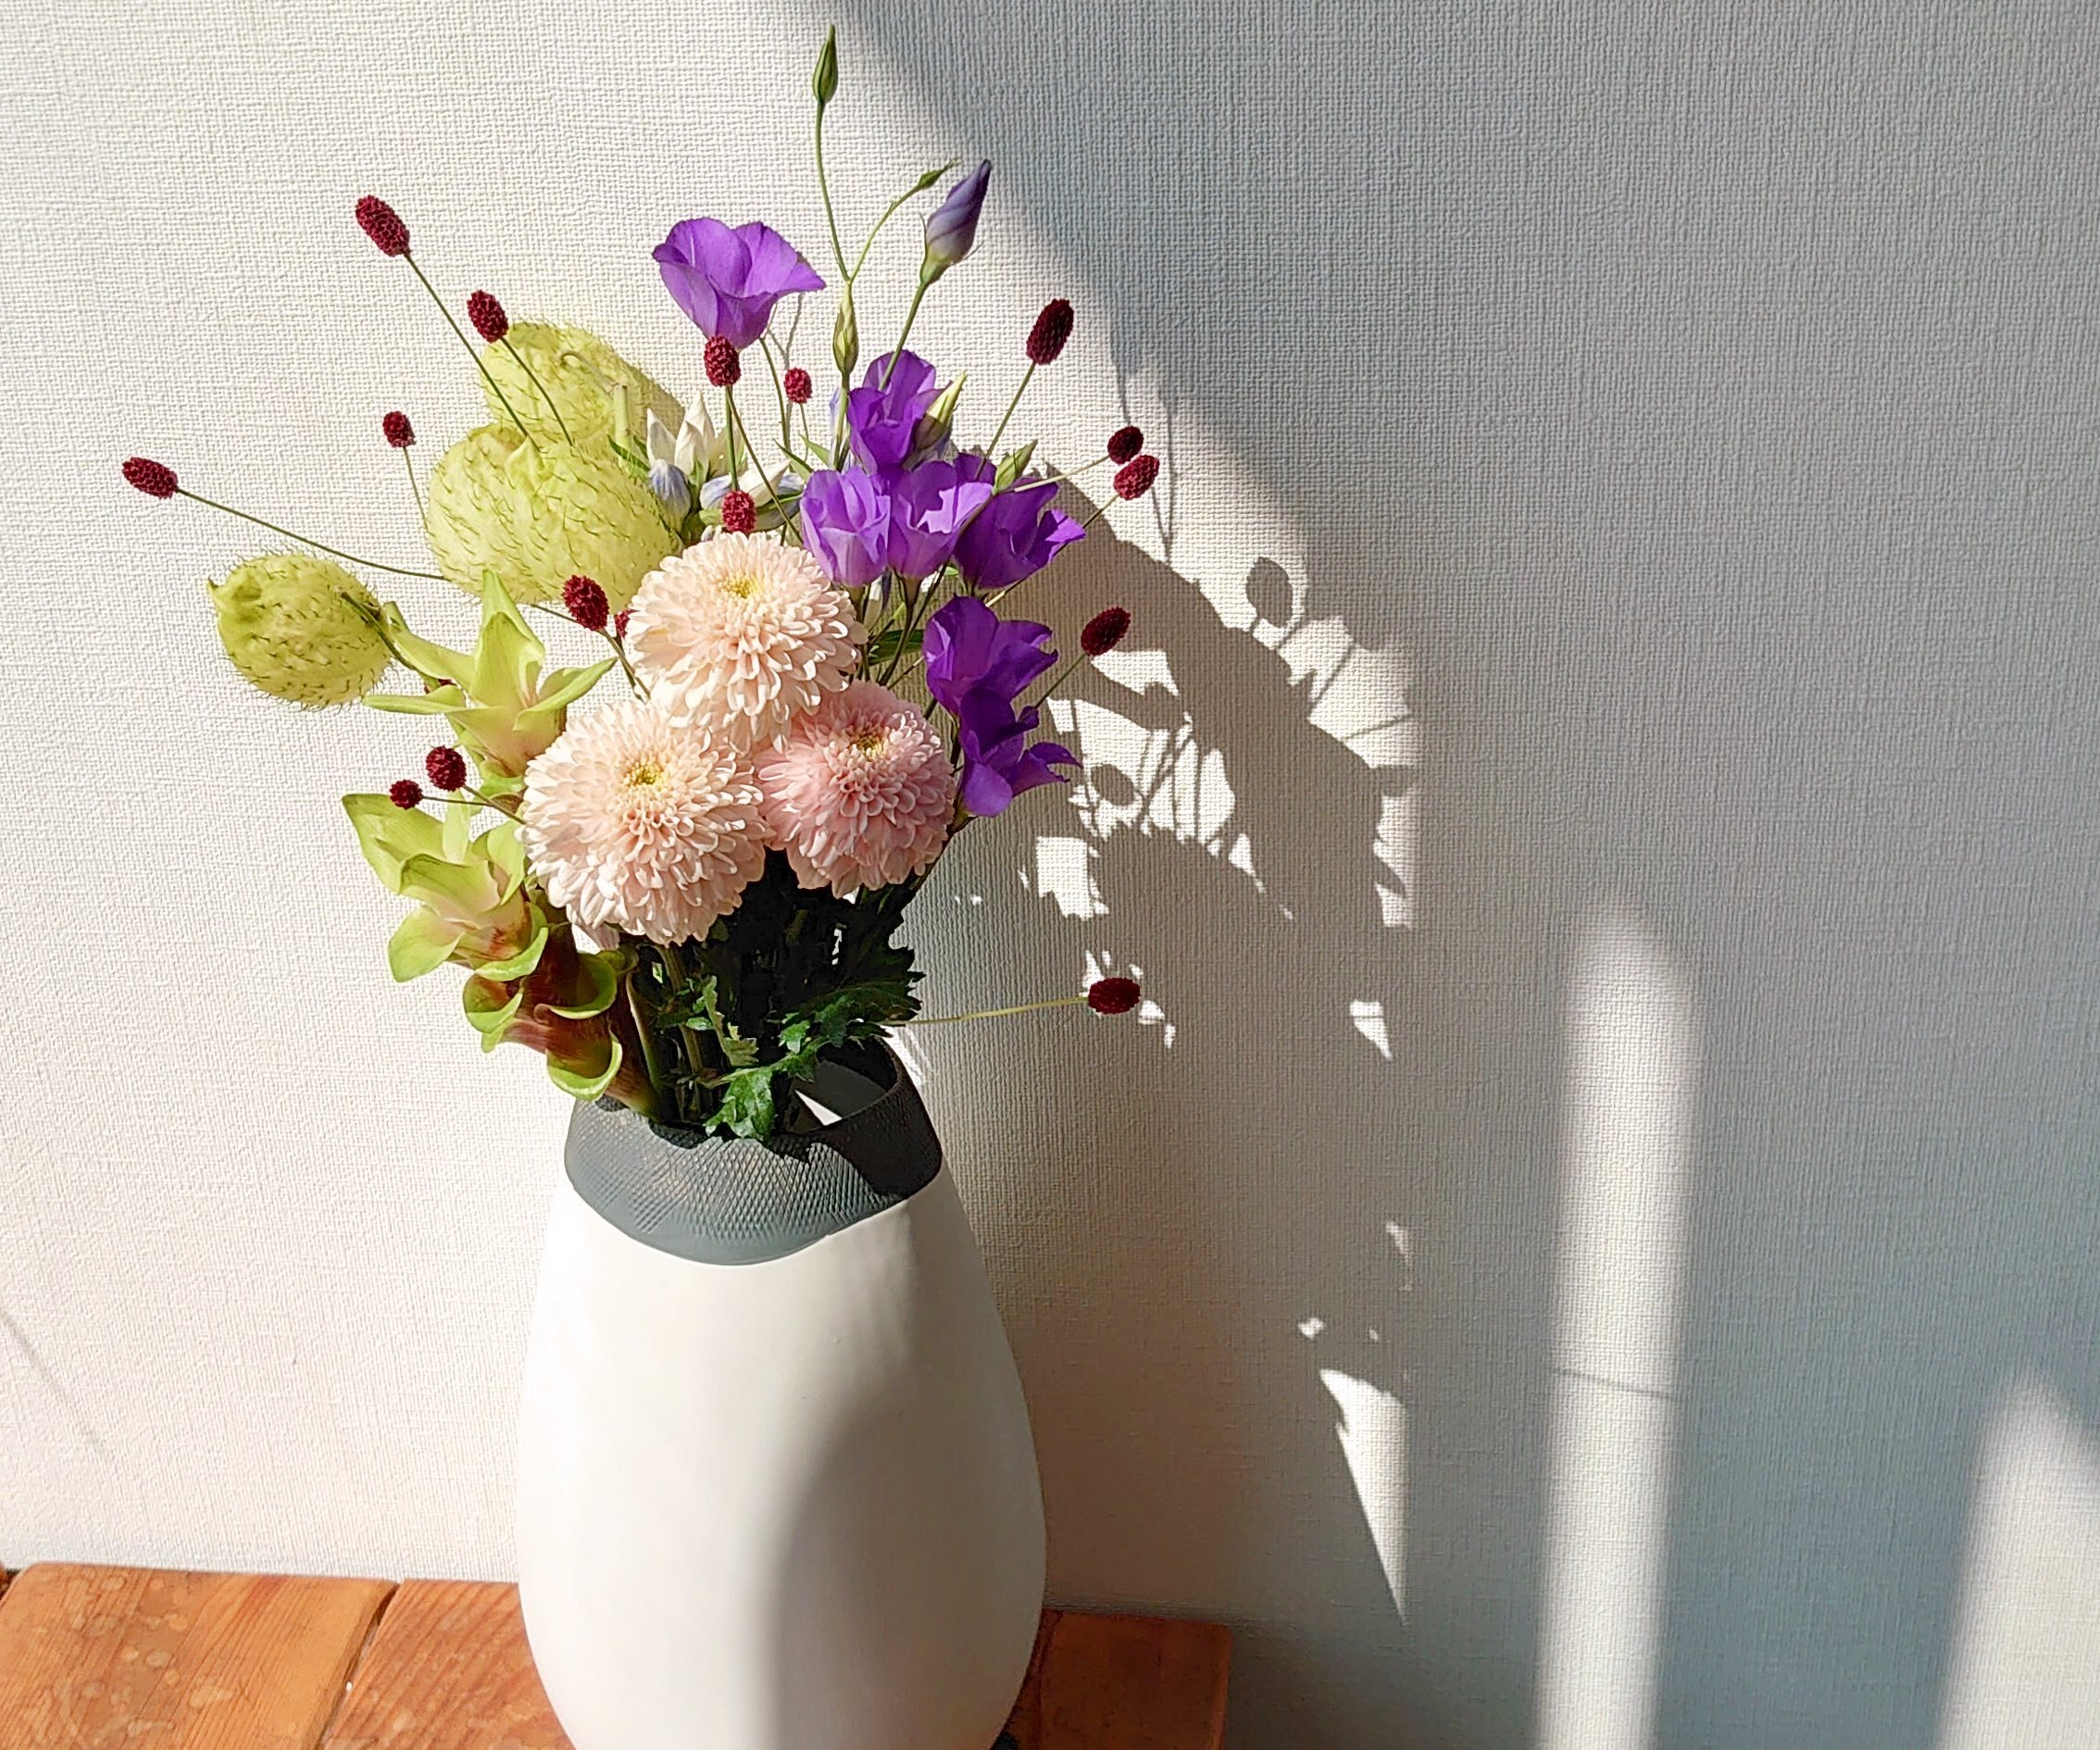 9月9日は『重陽の節句』長寿を願って 菊を飾ろう。 花瓶用ブーケNO,1